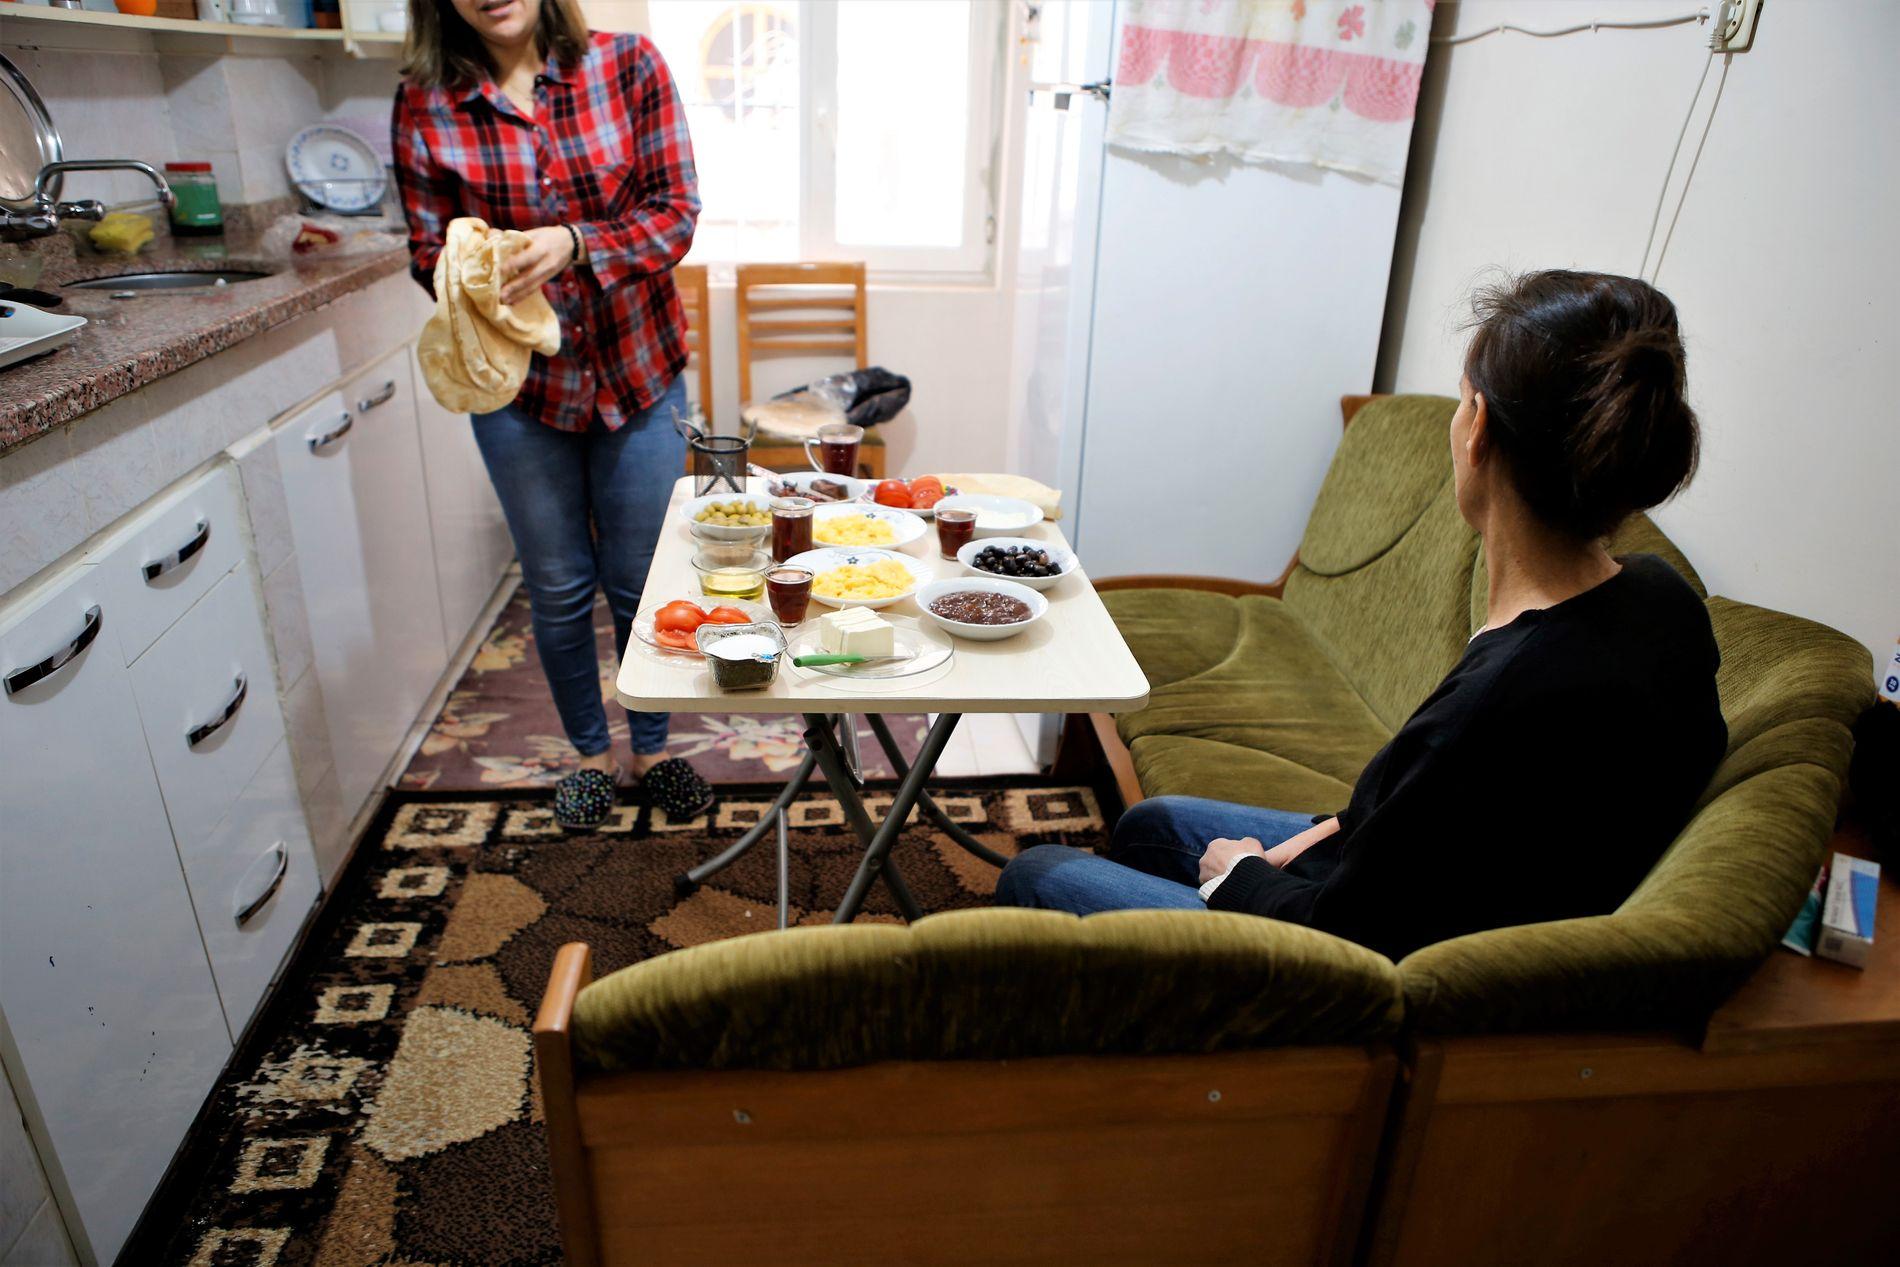 SAMBOERE: «Noor» og Mune ble venninner på sykehuset etter at de hadde vært gjennom levertransplantasjonen. Siden har de bodd sammen i en leilighet i Malatya i Tyrkia.